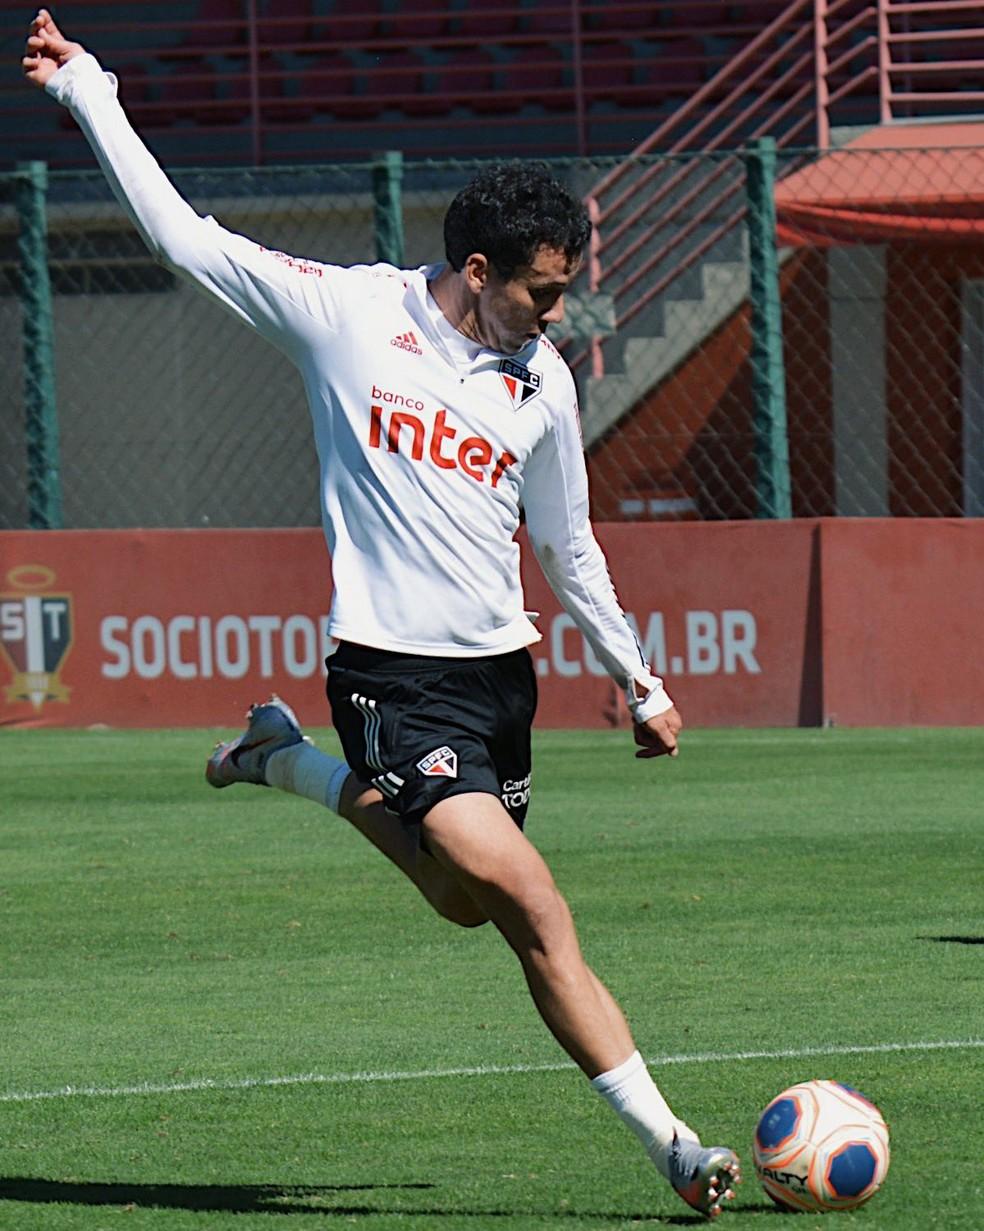 Pablo deve ser titular do São Paulo após saída de Antony — Foto: Reprodução/Twitter